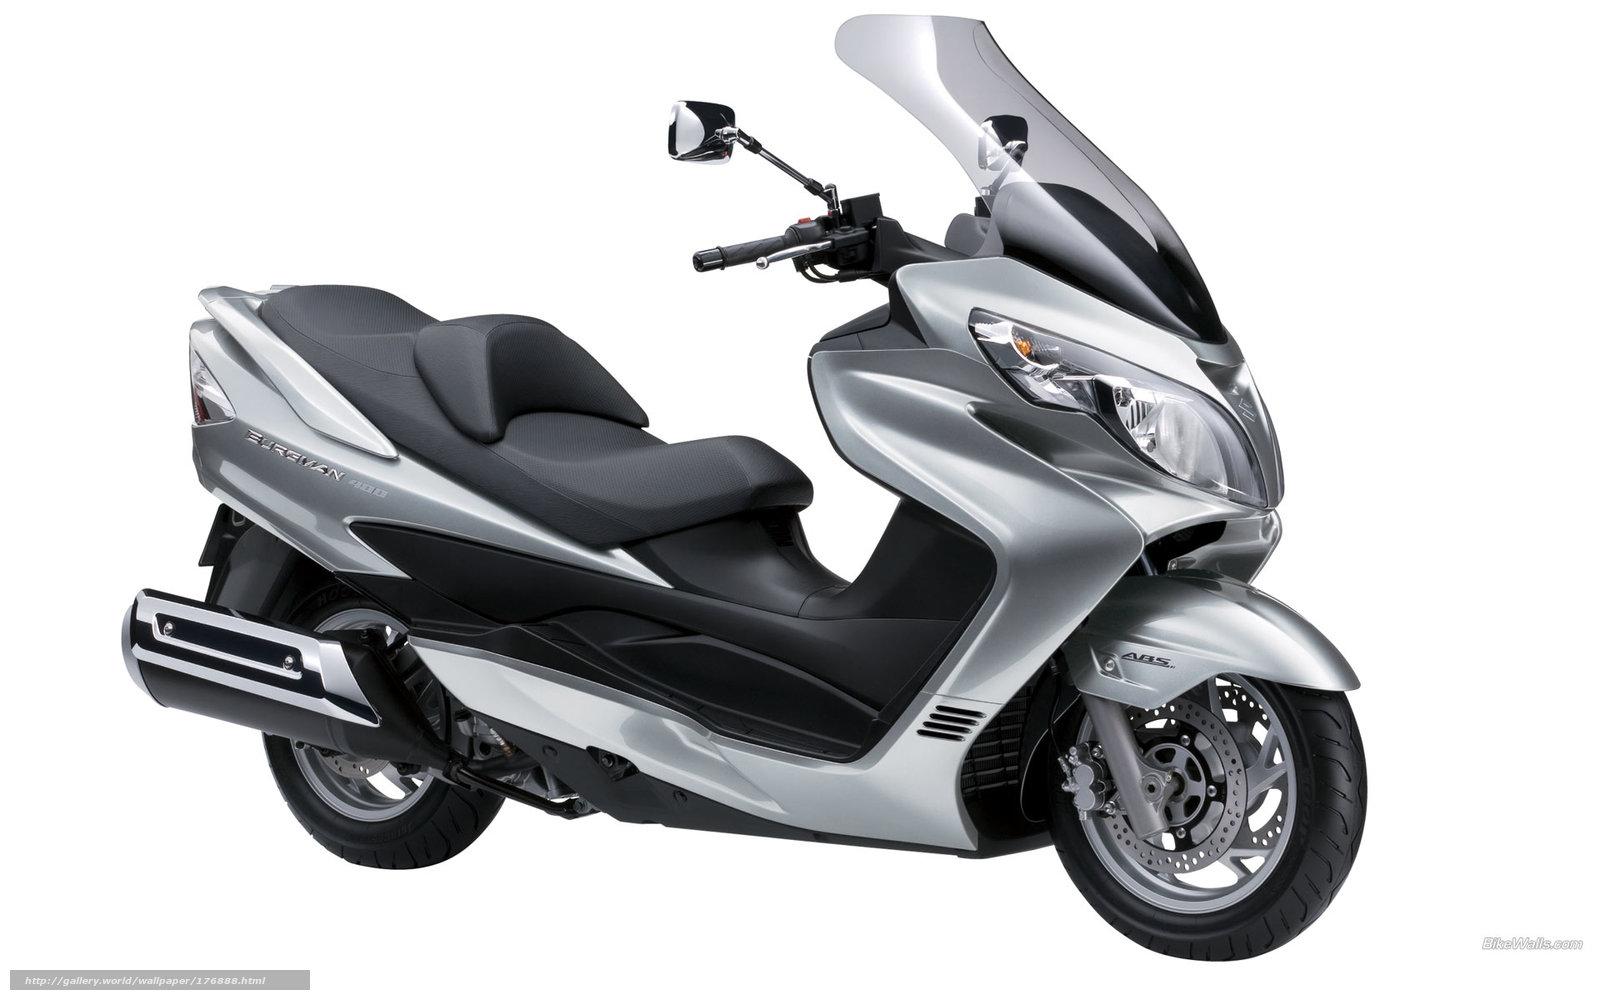 ... image Motocicletas 153442 Manual De Cambio Tamao PC, Android